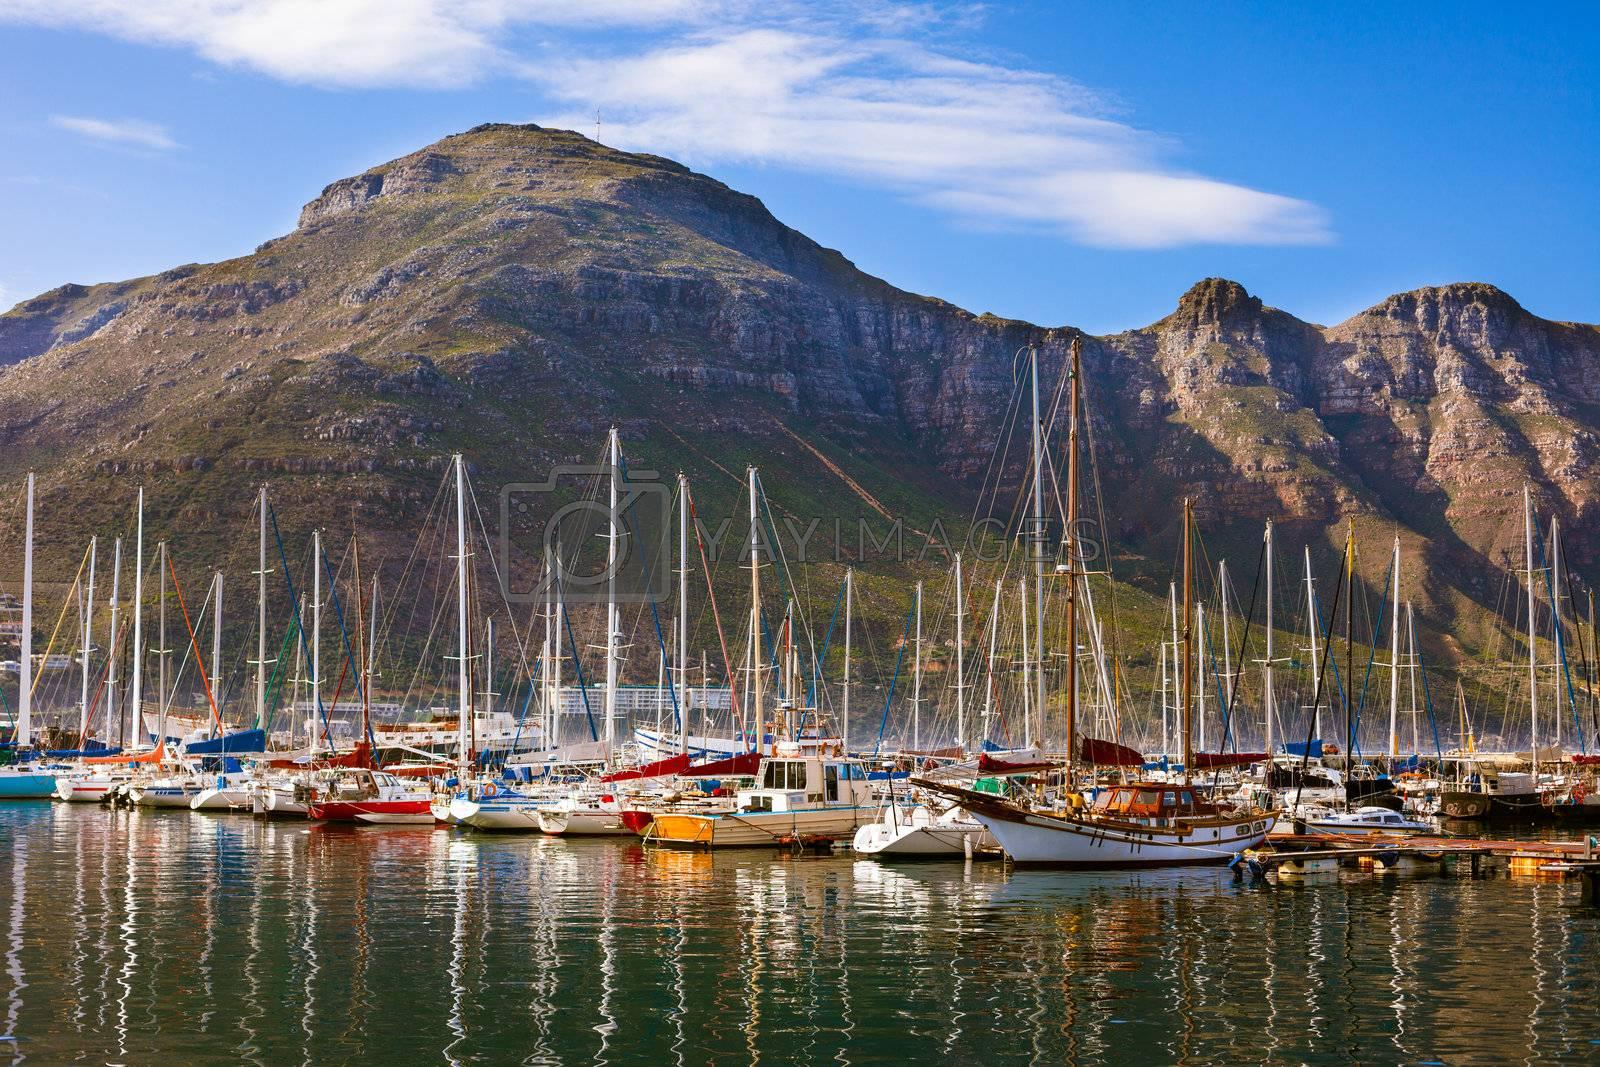 Saiboats at Hout Bay Marina, South Africa